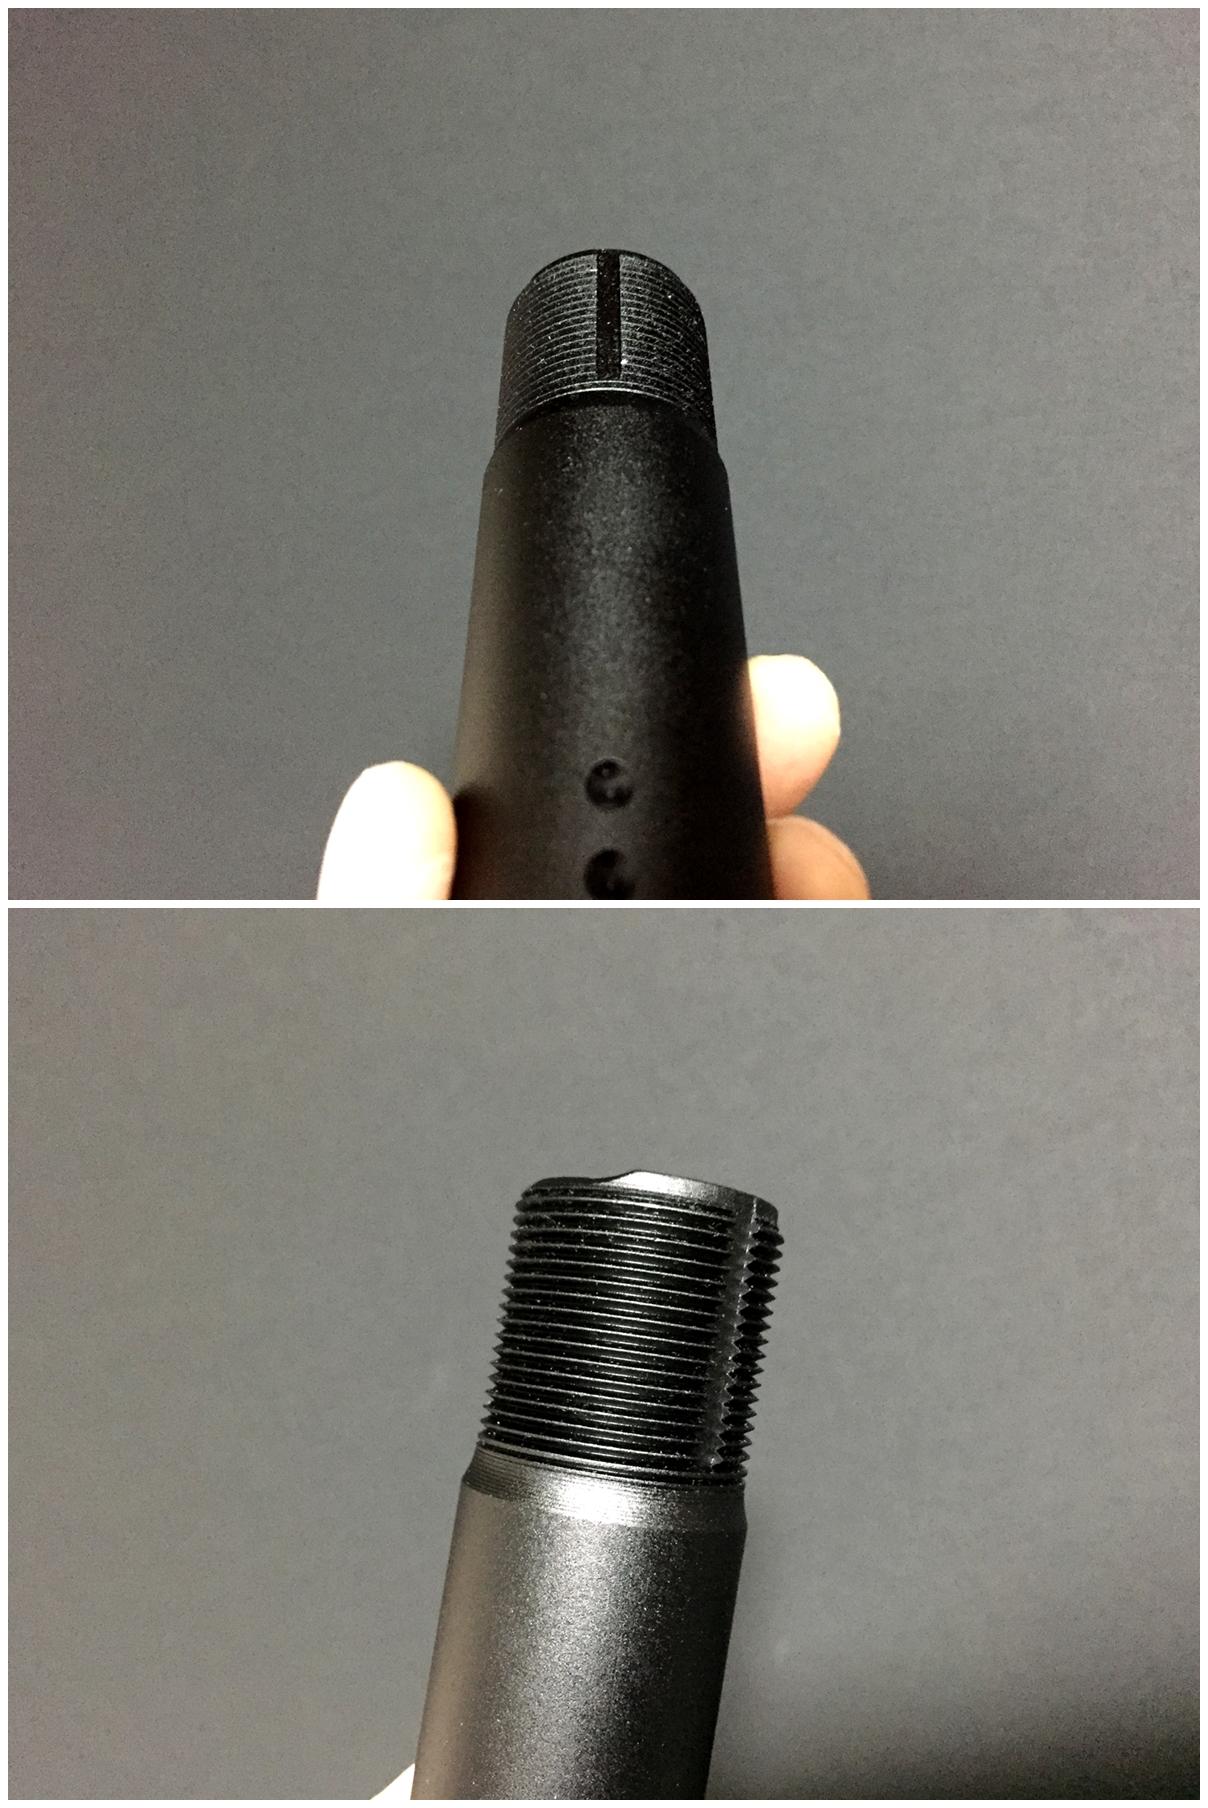 9 実物 KAK Industry LLC Shockwave Blade Pistol Stabilizer ショックウェーブ ブレード ピストル スタビライザー ストック